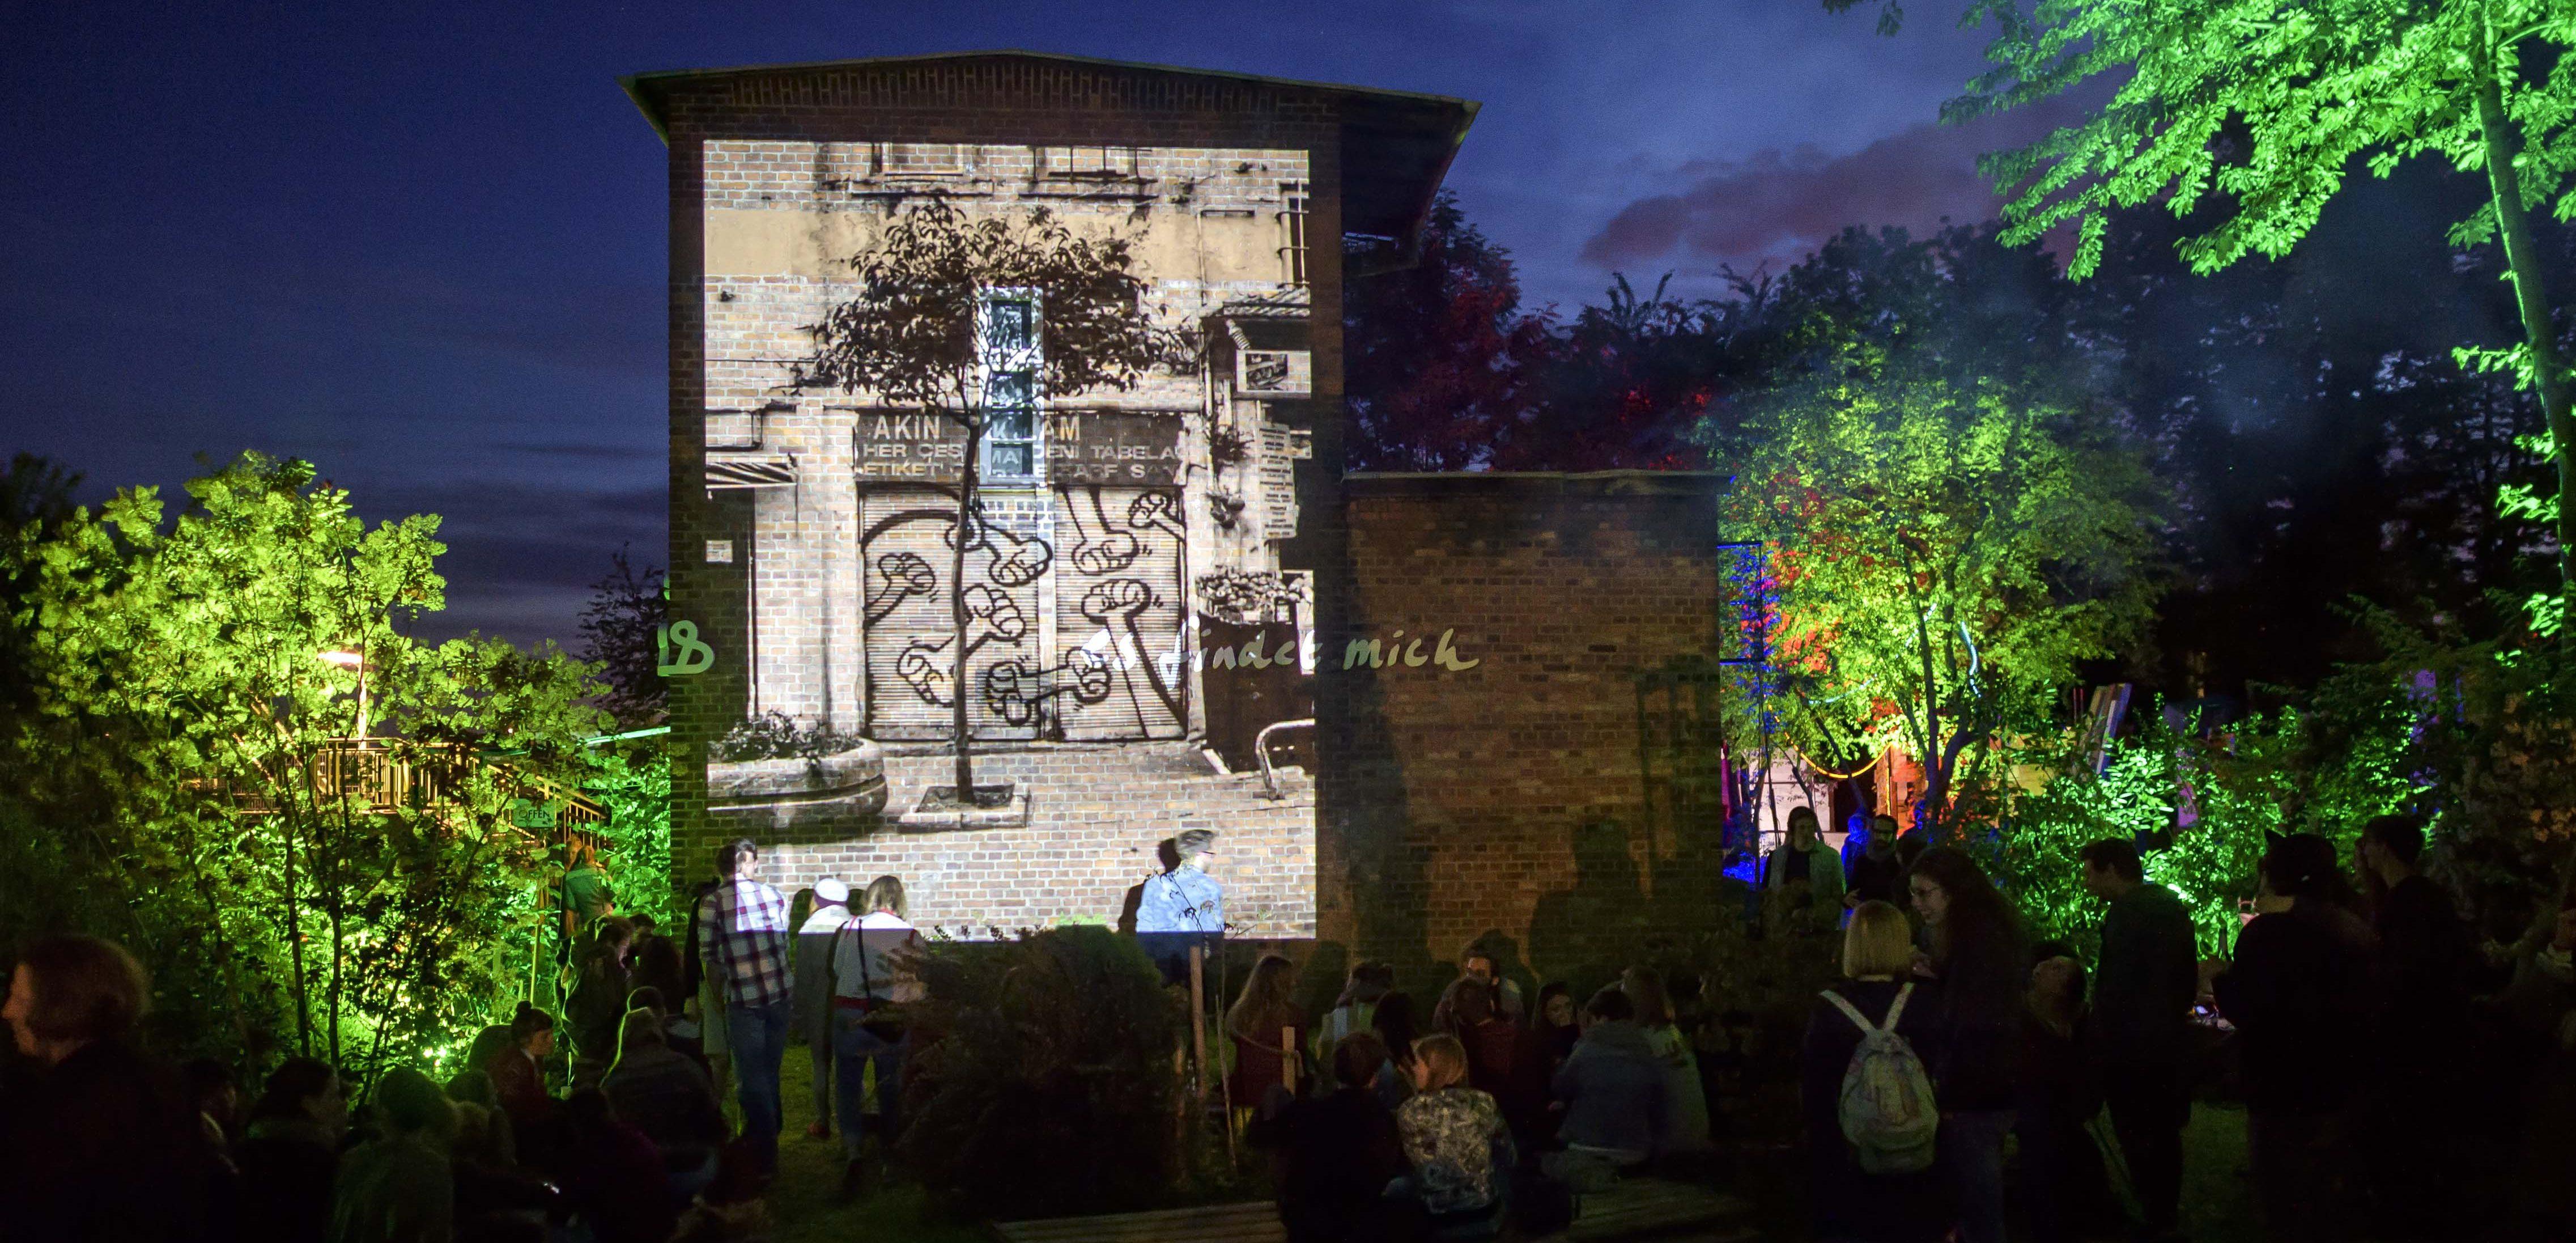 Bei der Hausbeleuchtung dient die Backsteinfassade als Leinwand für die Kunst. Foto: Matthis Bacht.